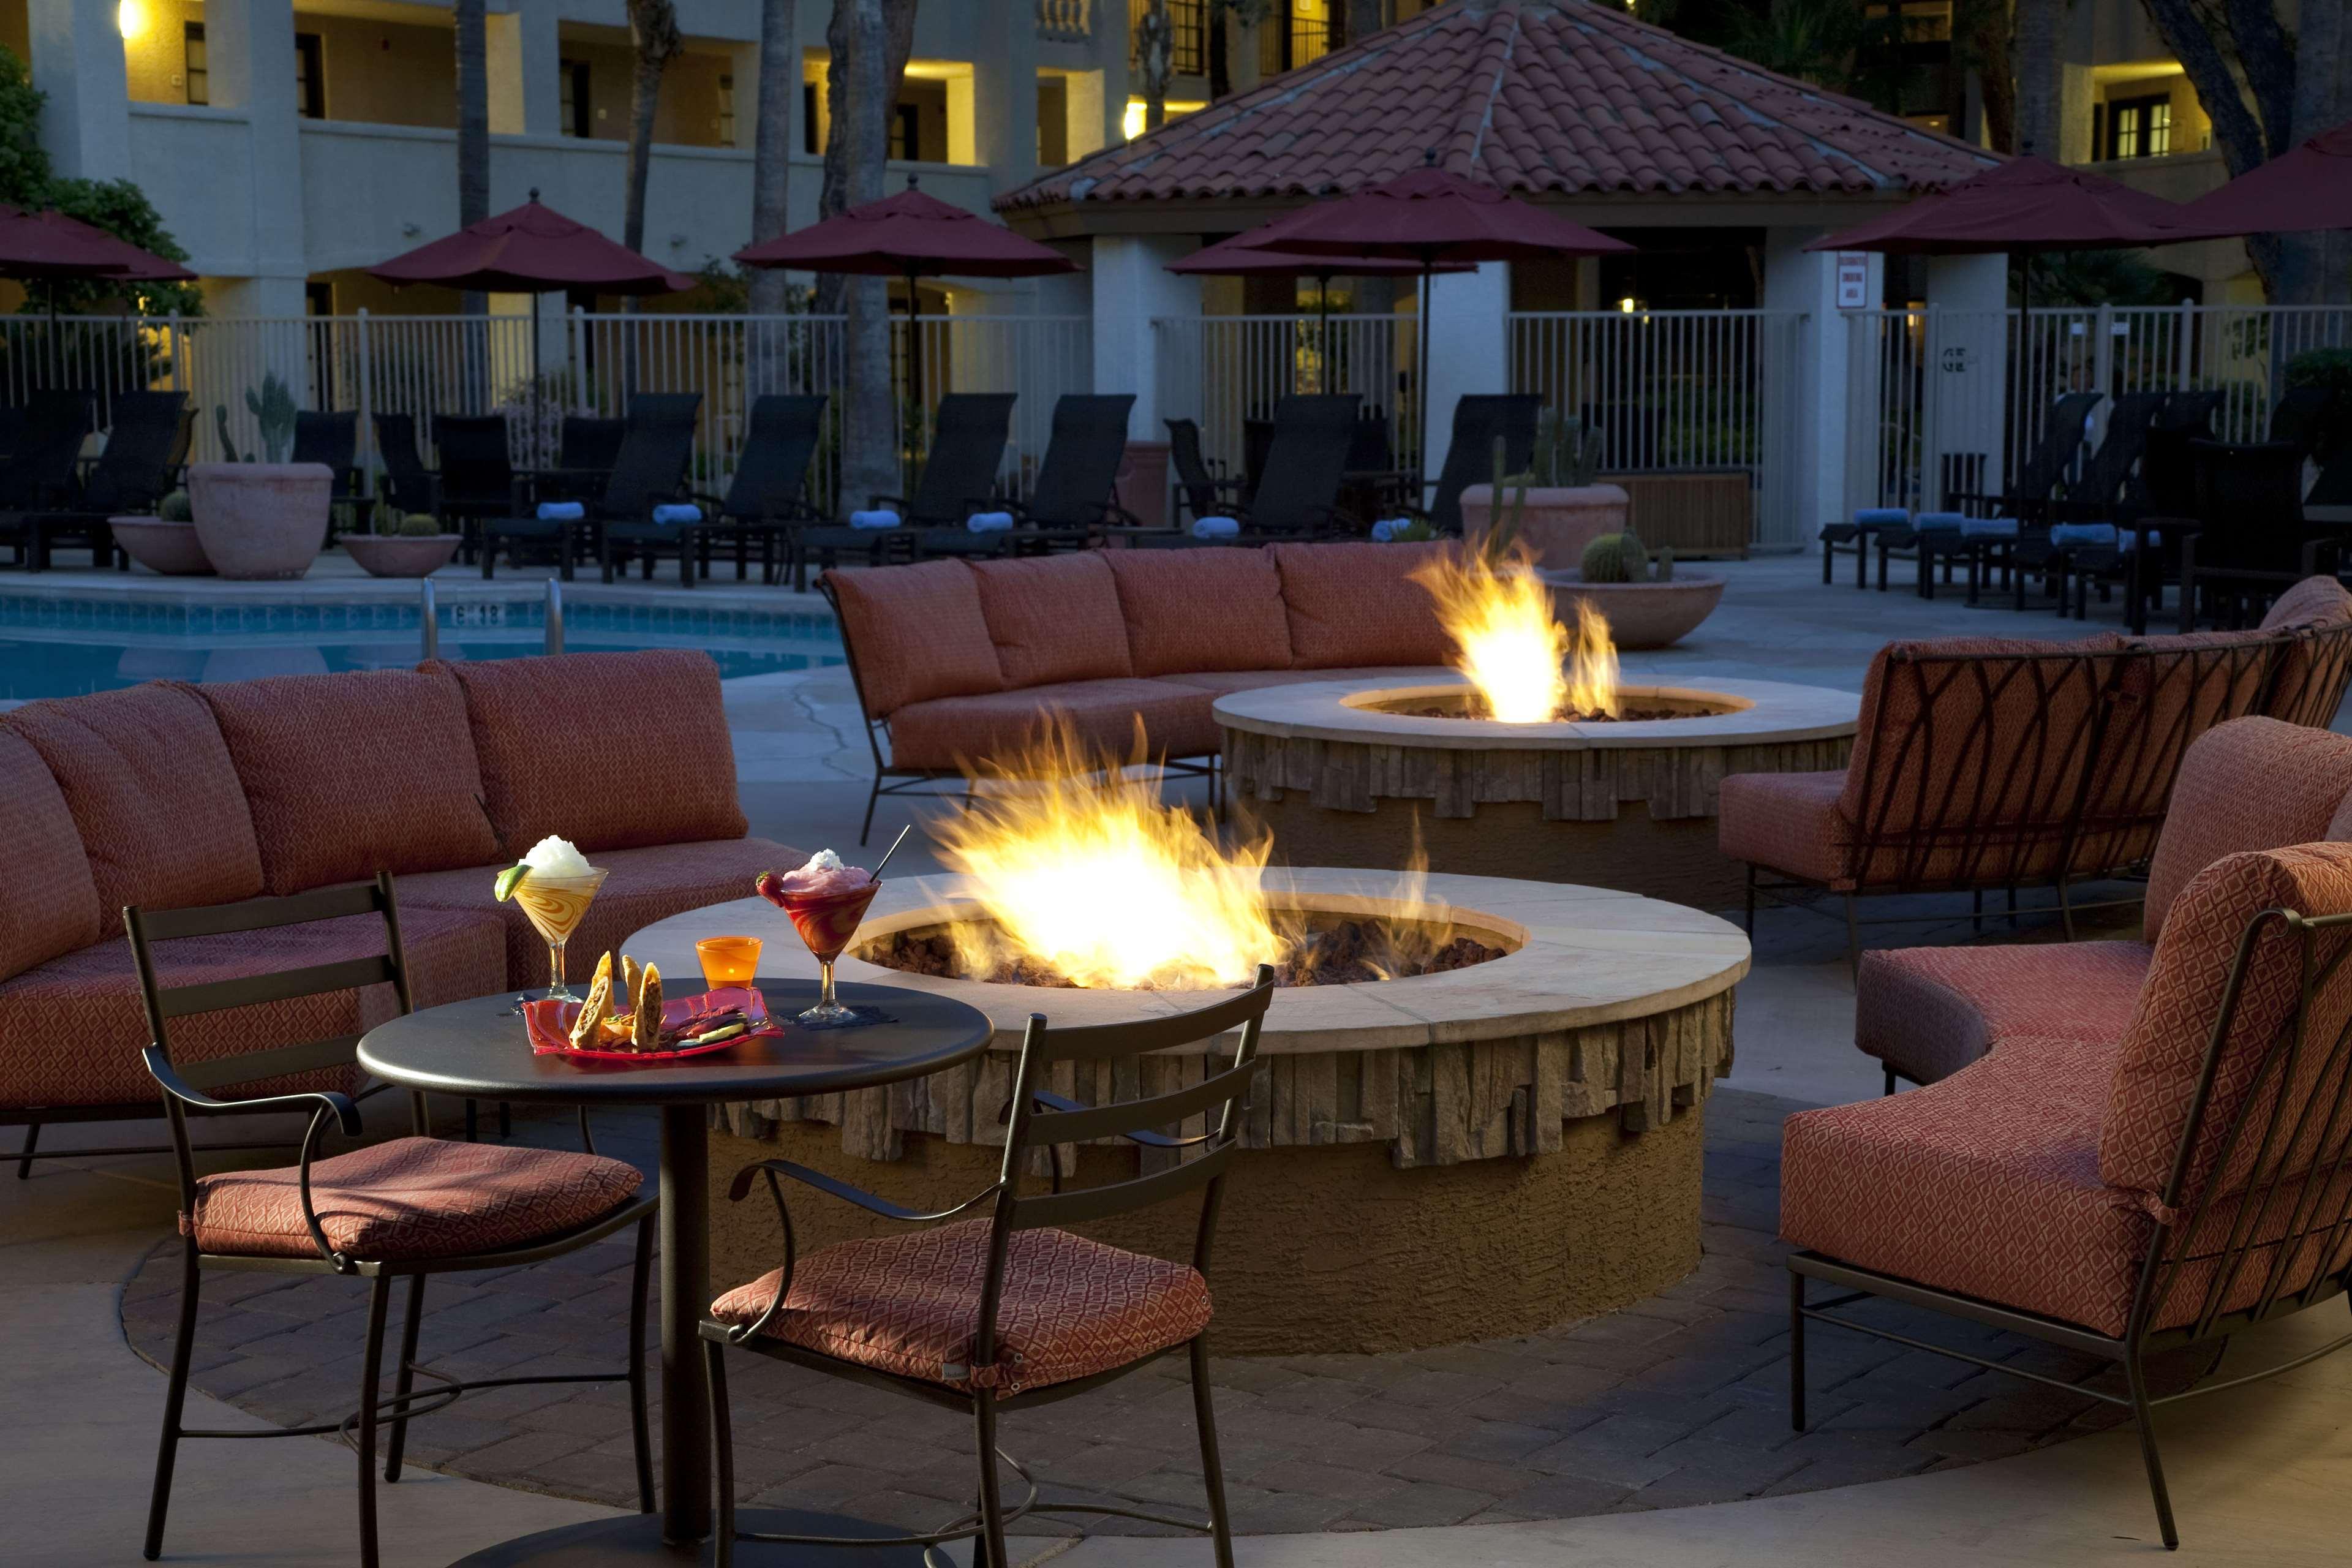 Sheraton Tucson Hotel & Suites image 8